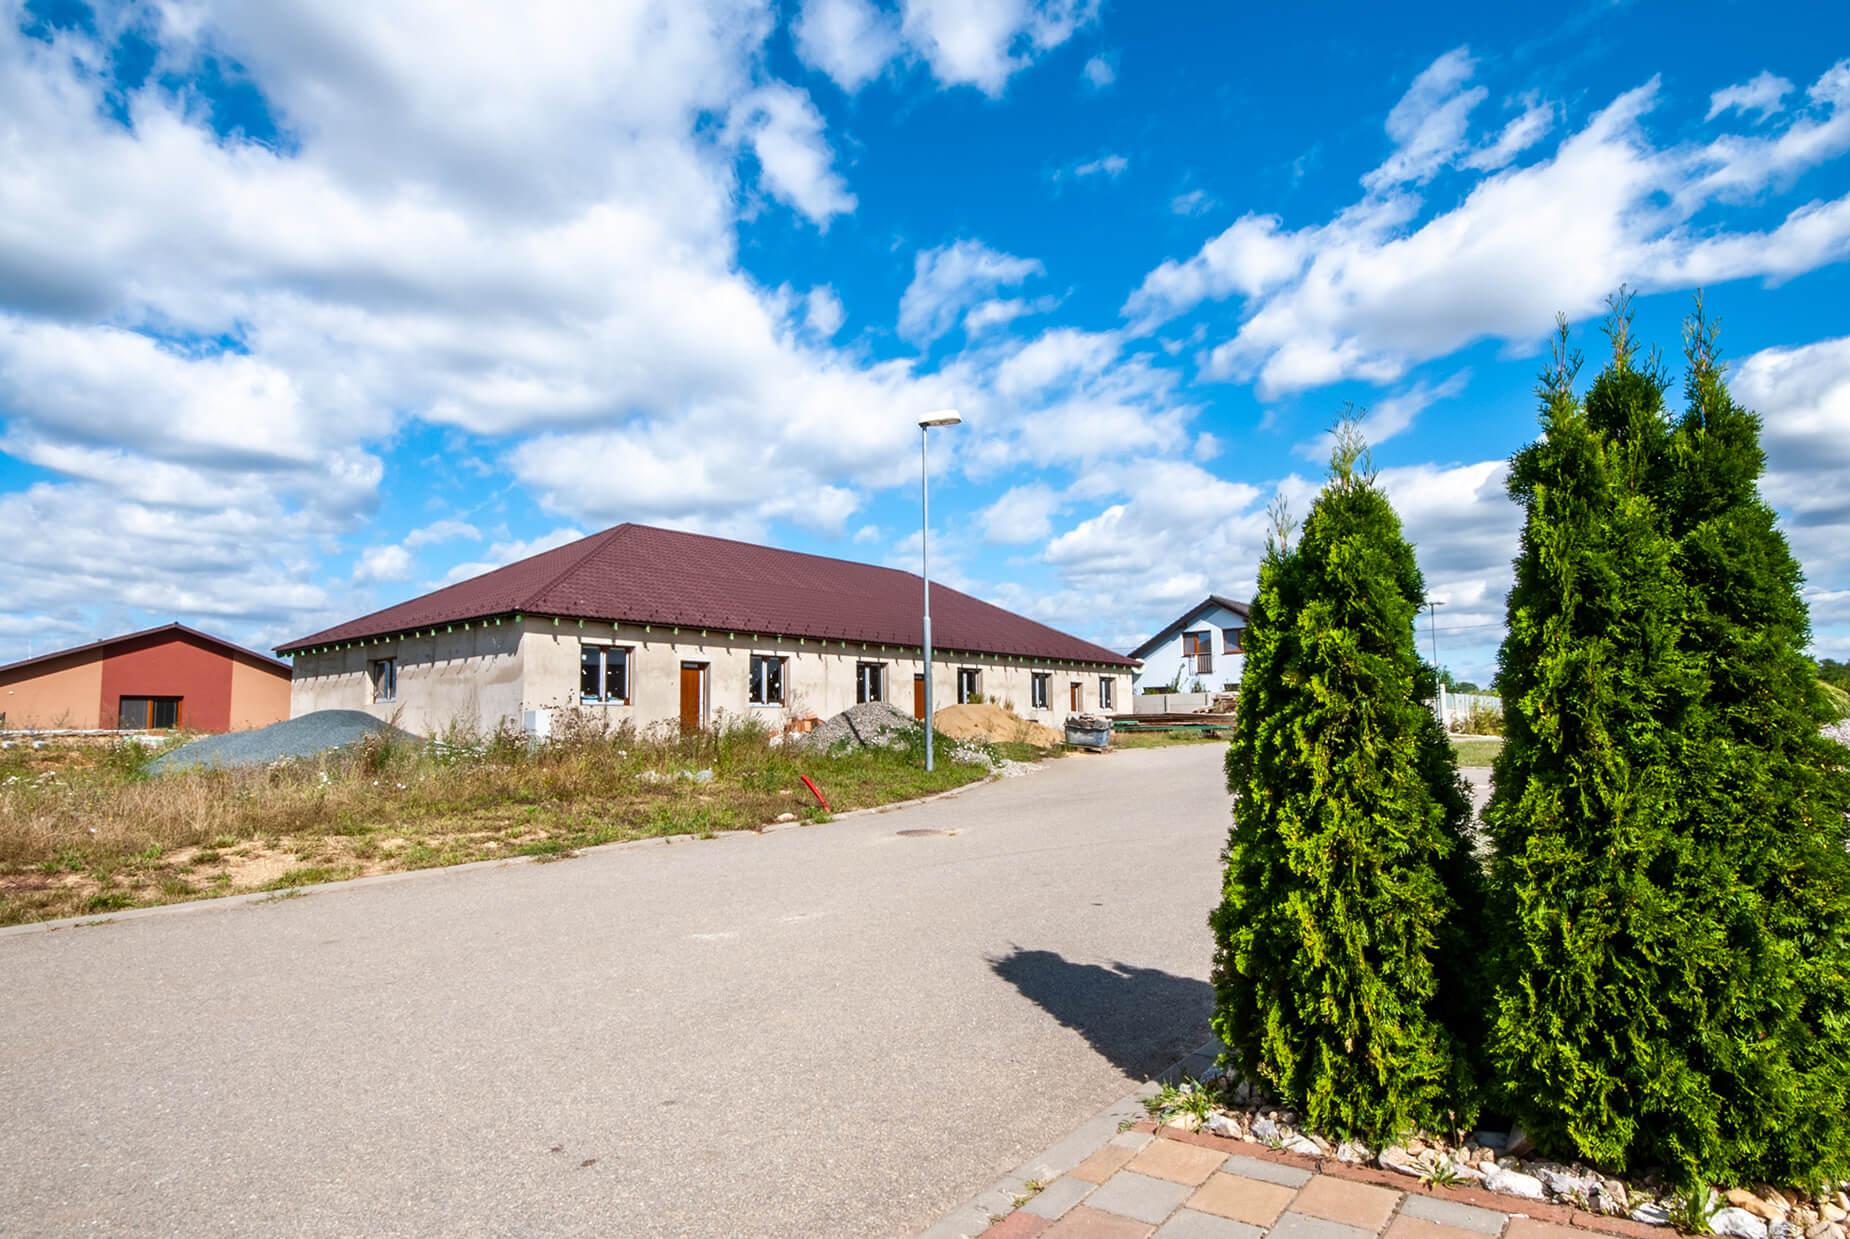 Prodej 9. etapy bytů 4+kk se zahradou v obci Šanov (byt č. 1), CP 373 m²